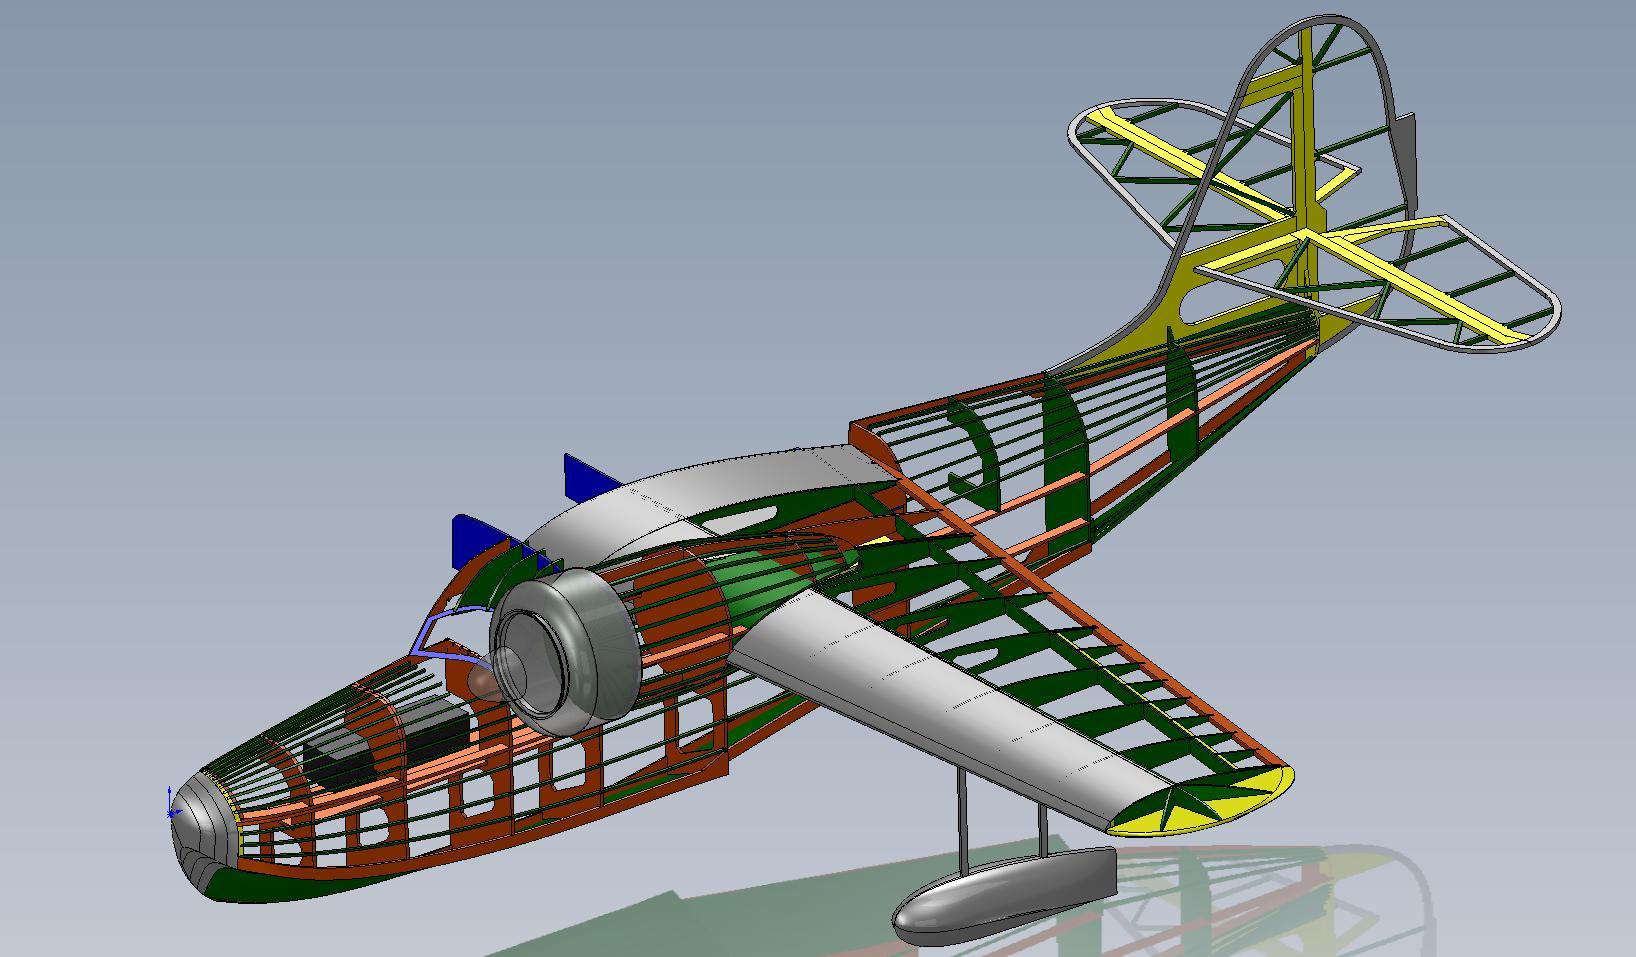 Stick framework complete in SolidWorks CAD.